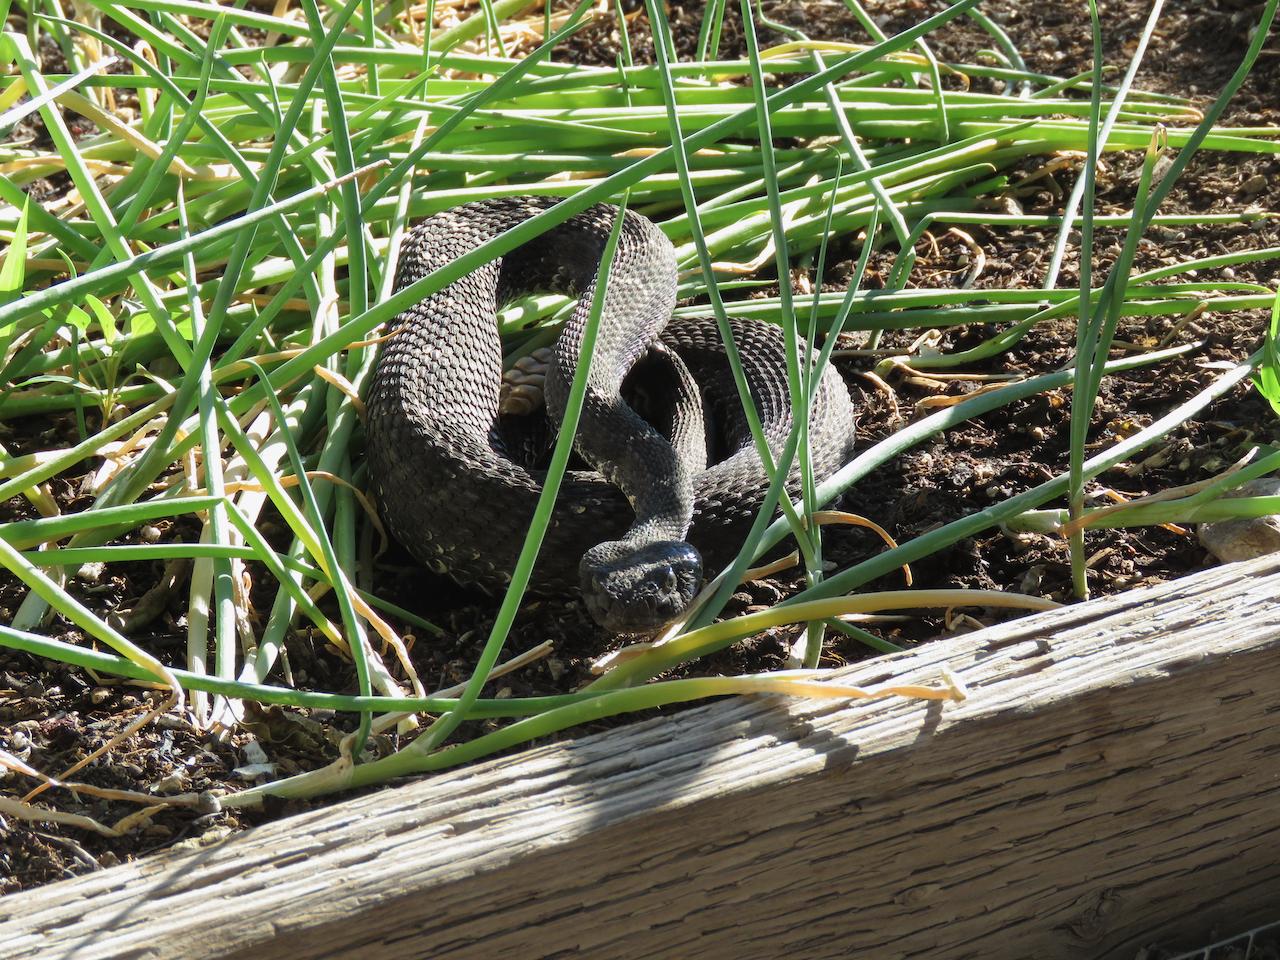 Black Rattlesnake_7_2020